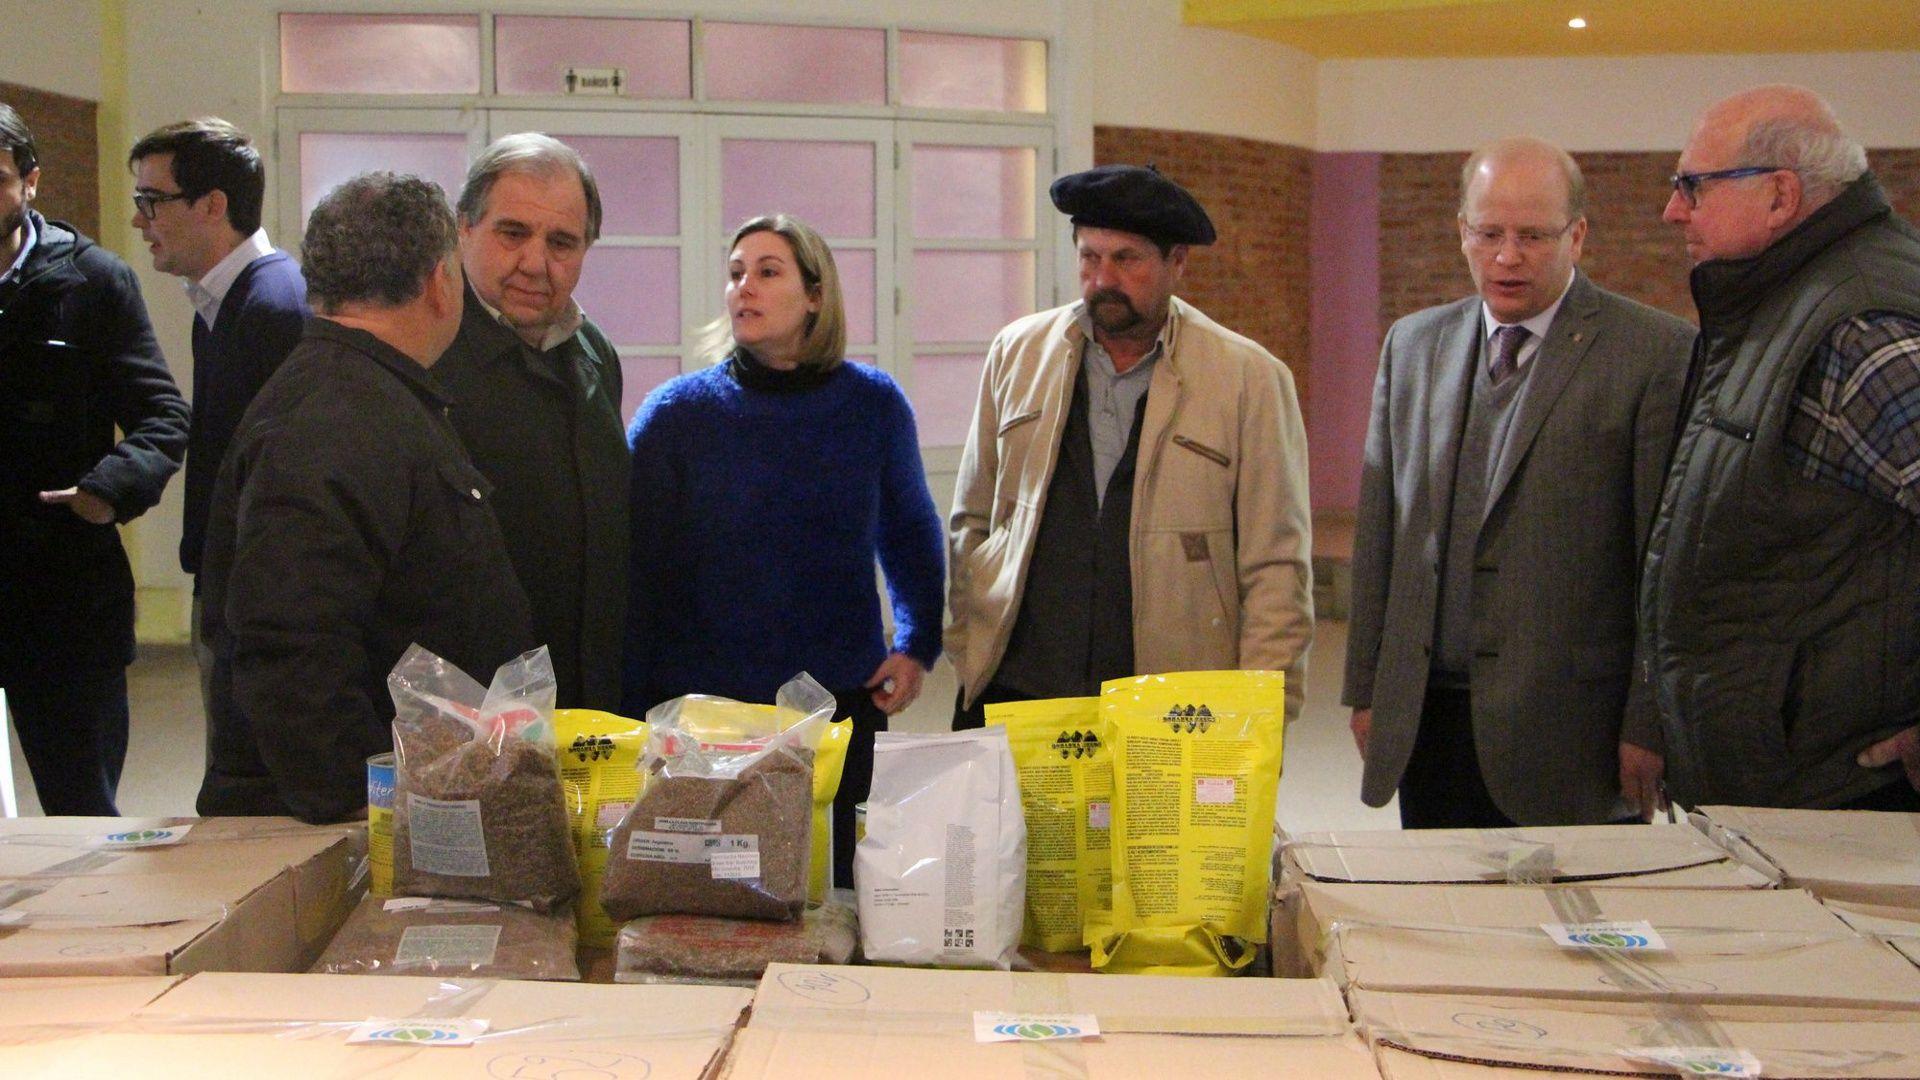 Entregaron 365 cajas de semillas para reactivar el sector hortícola en Santa Fe